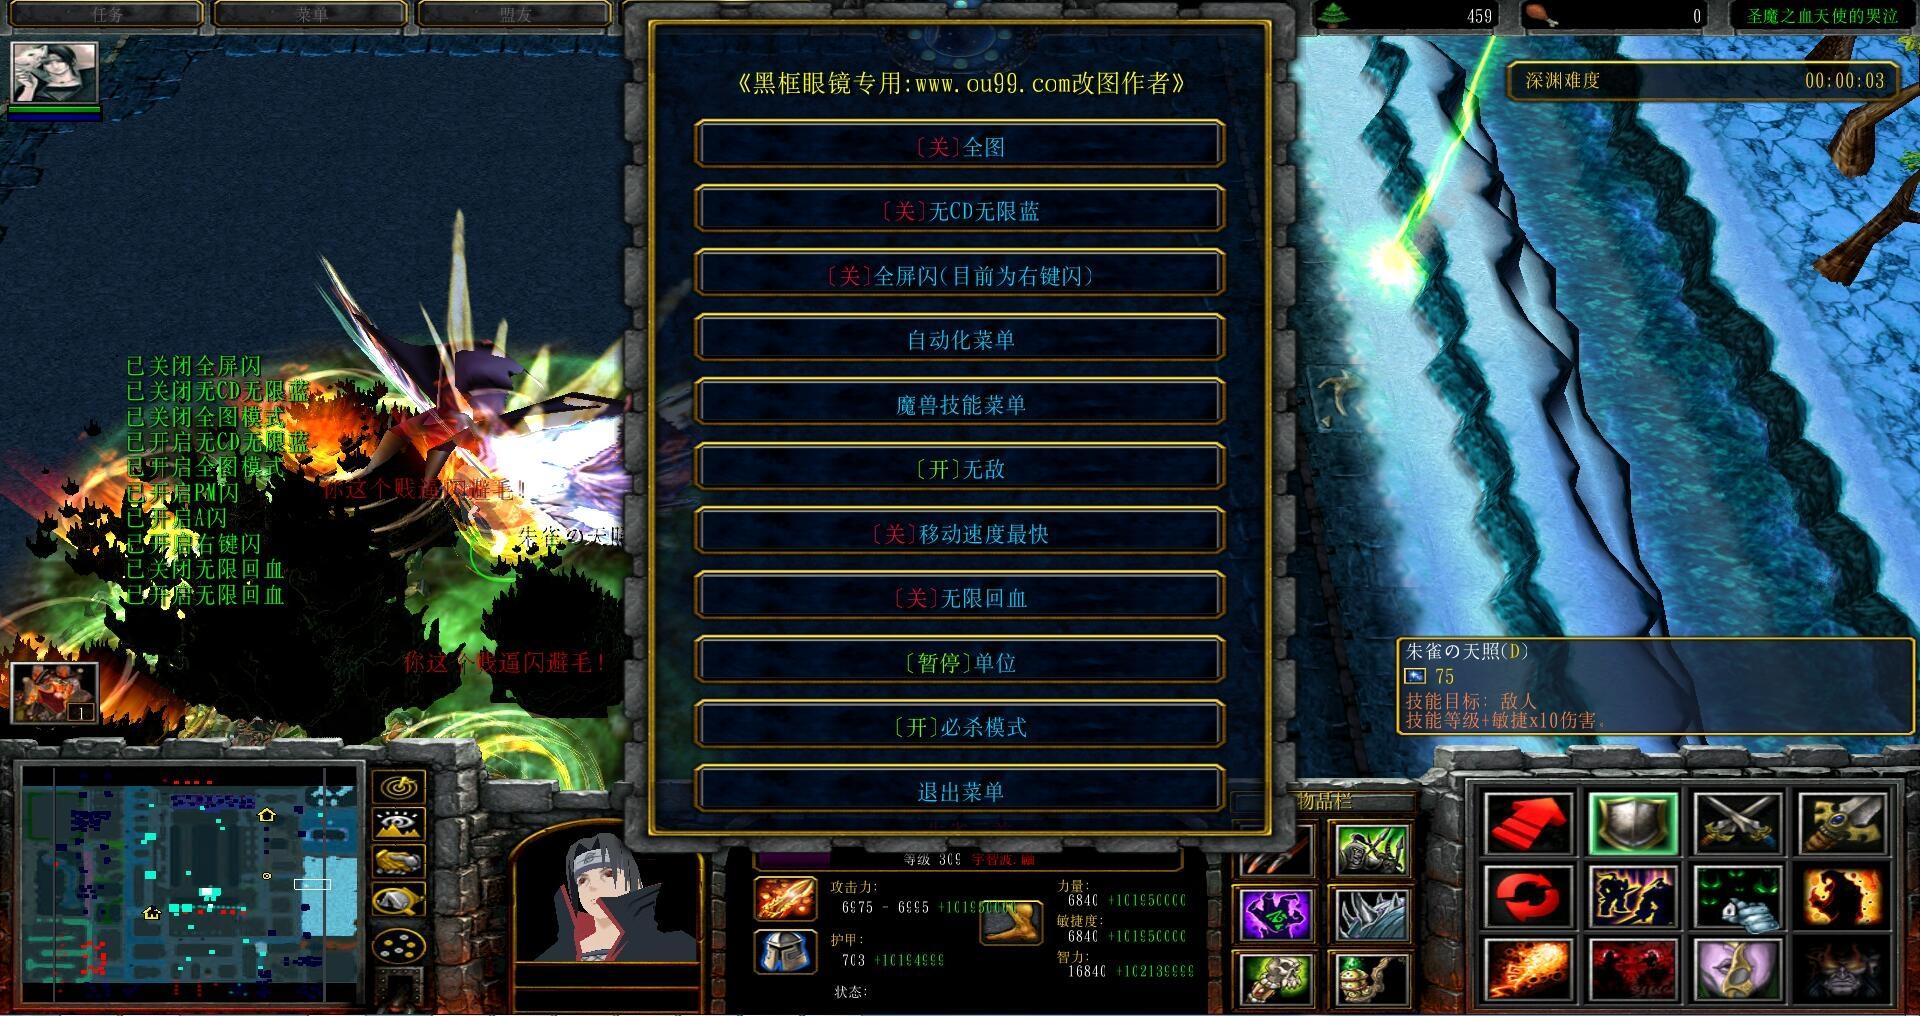 圣魔之血13.3圣域篇黑式破解 全限定英雄+全隐藏装备+圣魔之翼+复活加快+无CD全屏闪